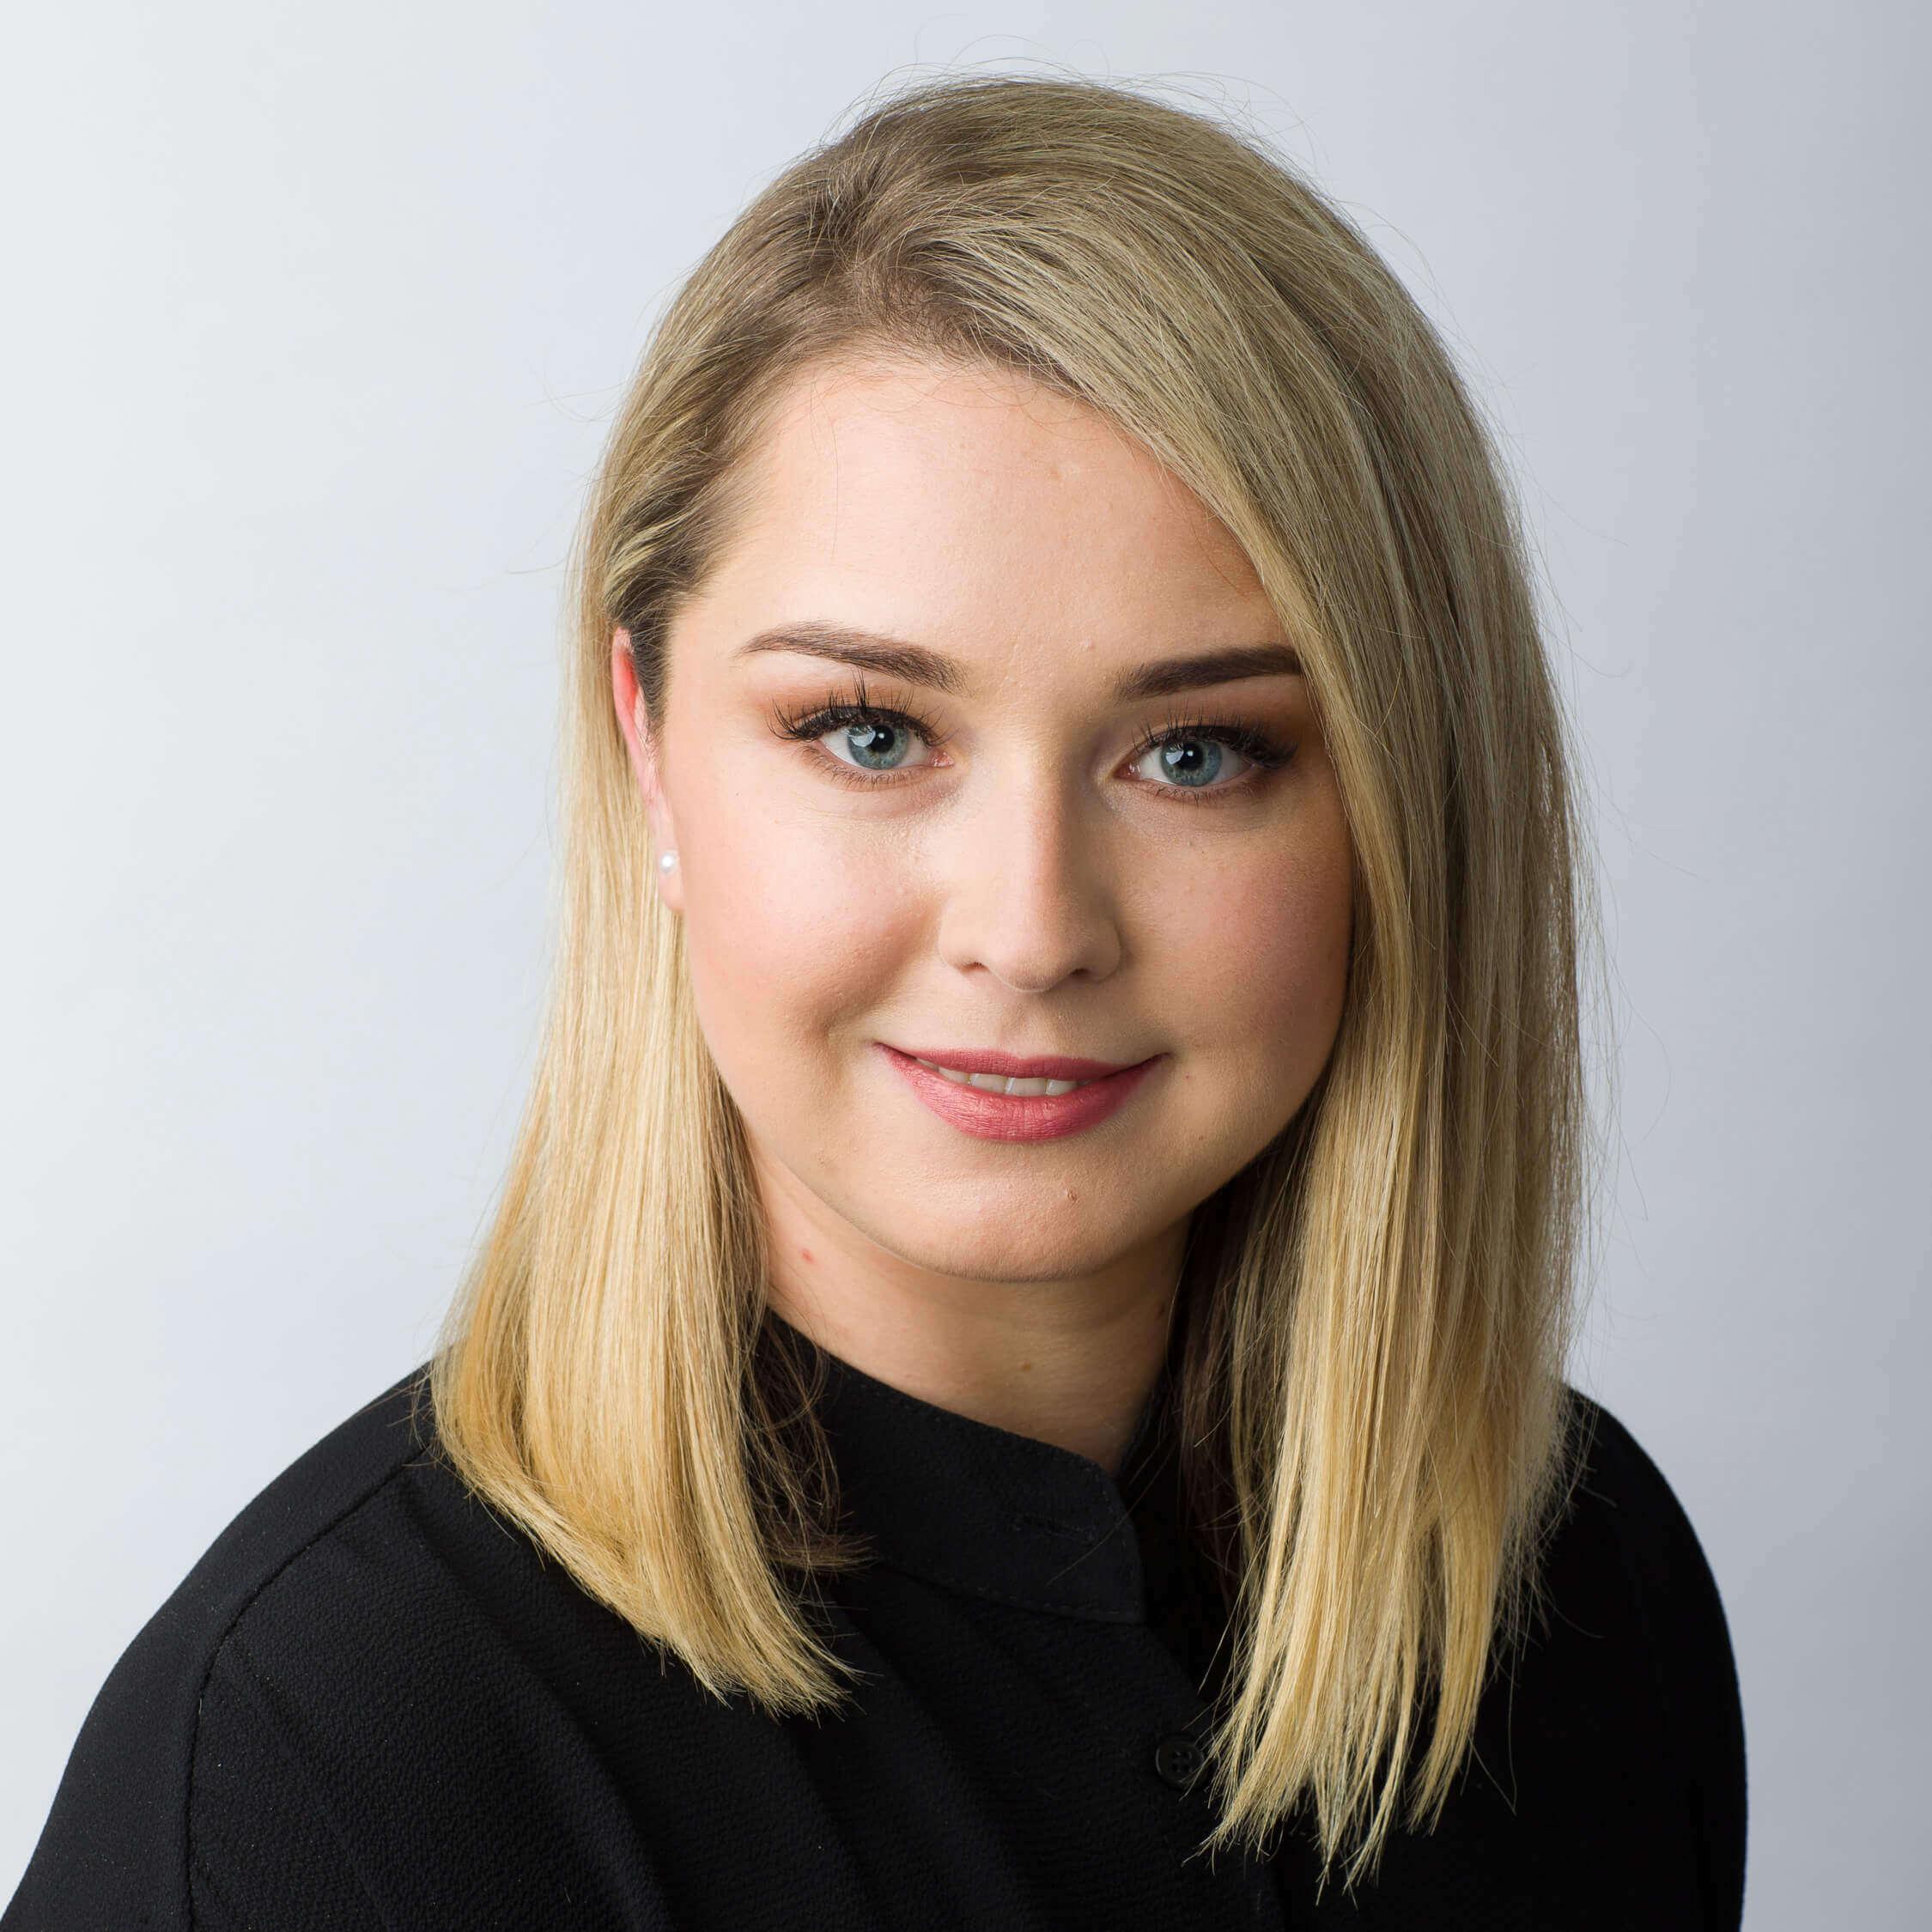 Picture of Maria Voronina